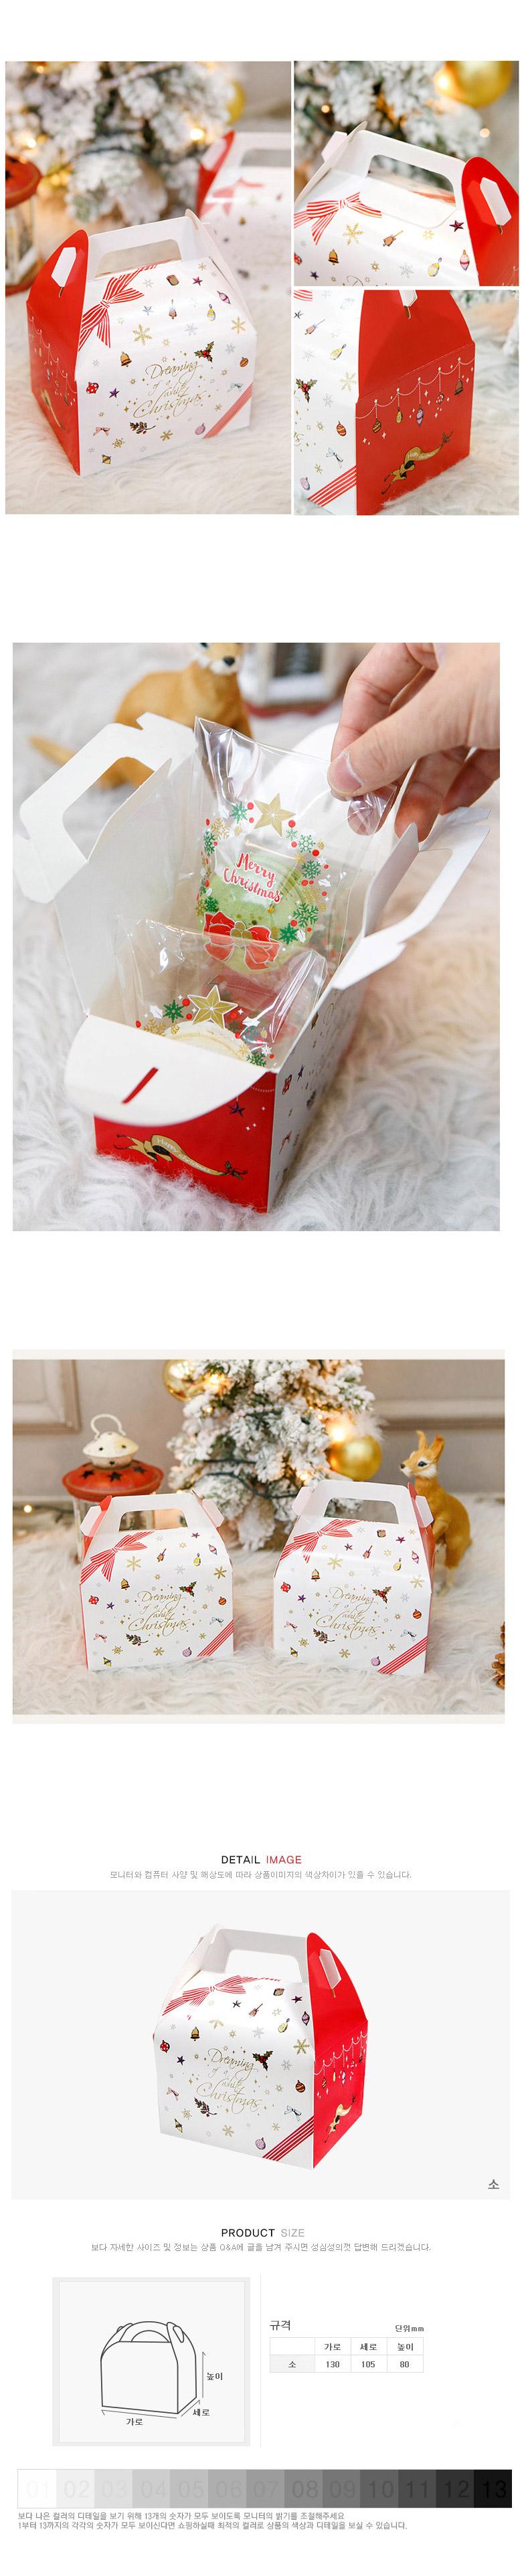 크리스마스 손잡이상자 소 - 리본 - 이홈베이킹, 750원, 상자/케이스, 시즌/테마